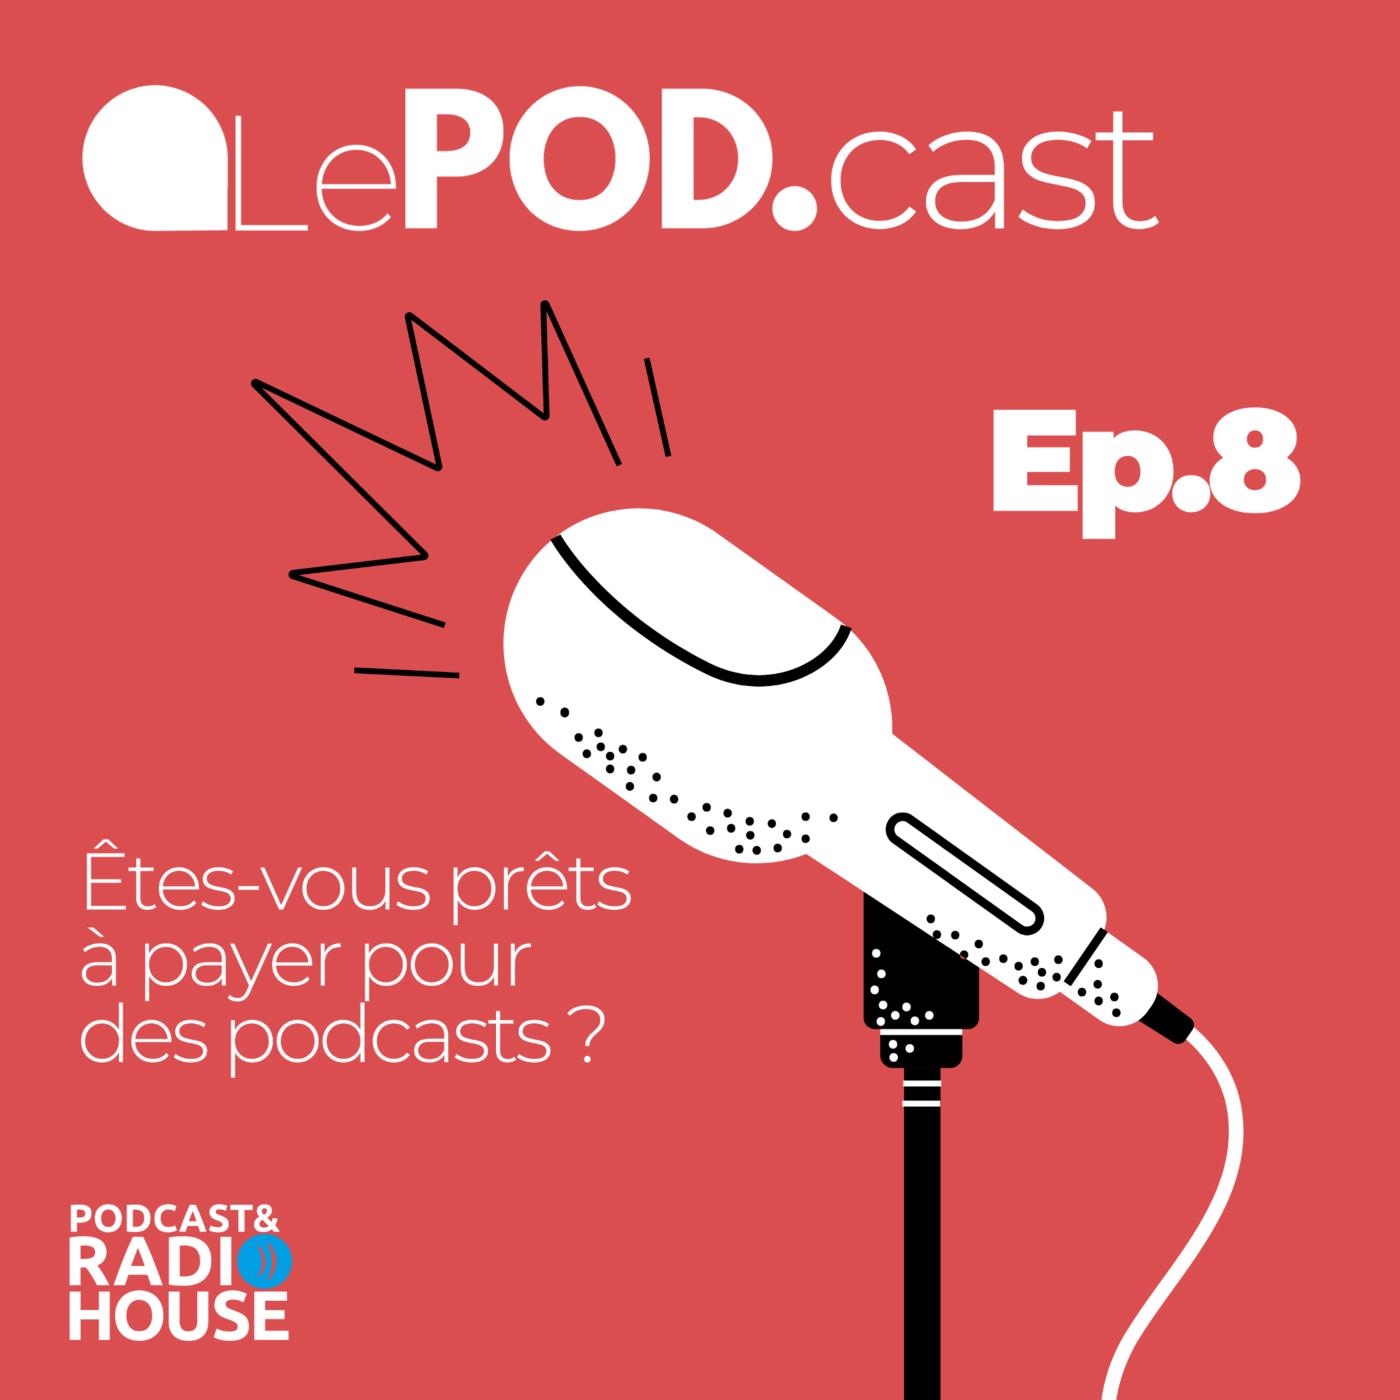 EP.8 - Êtes-vous prêts à payer pour des podcasts ?  - Le POD.